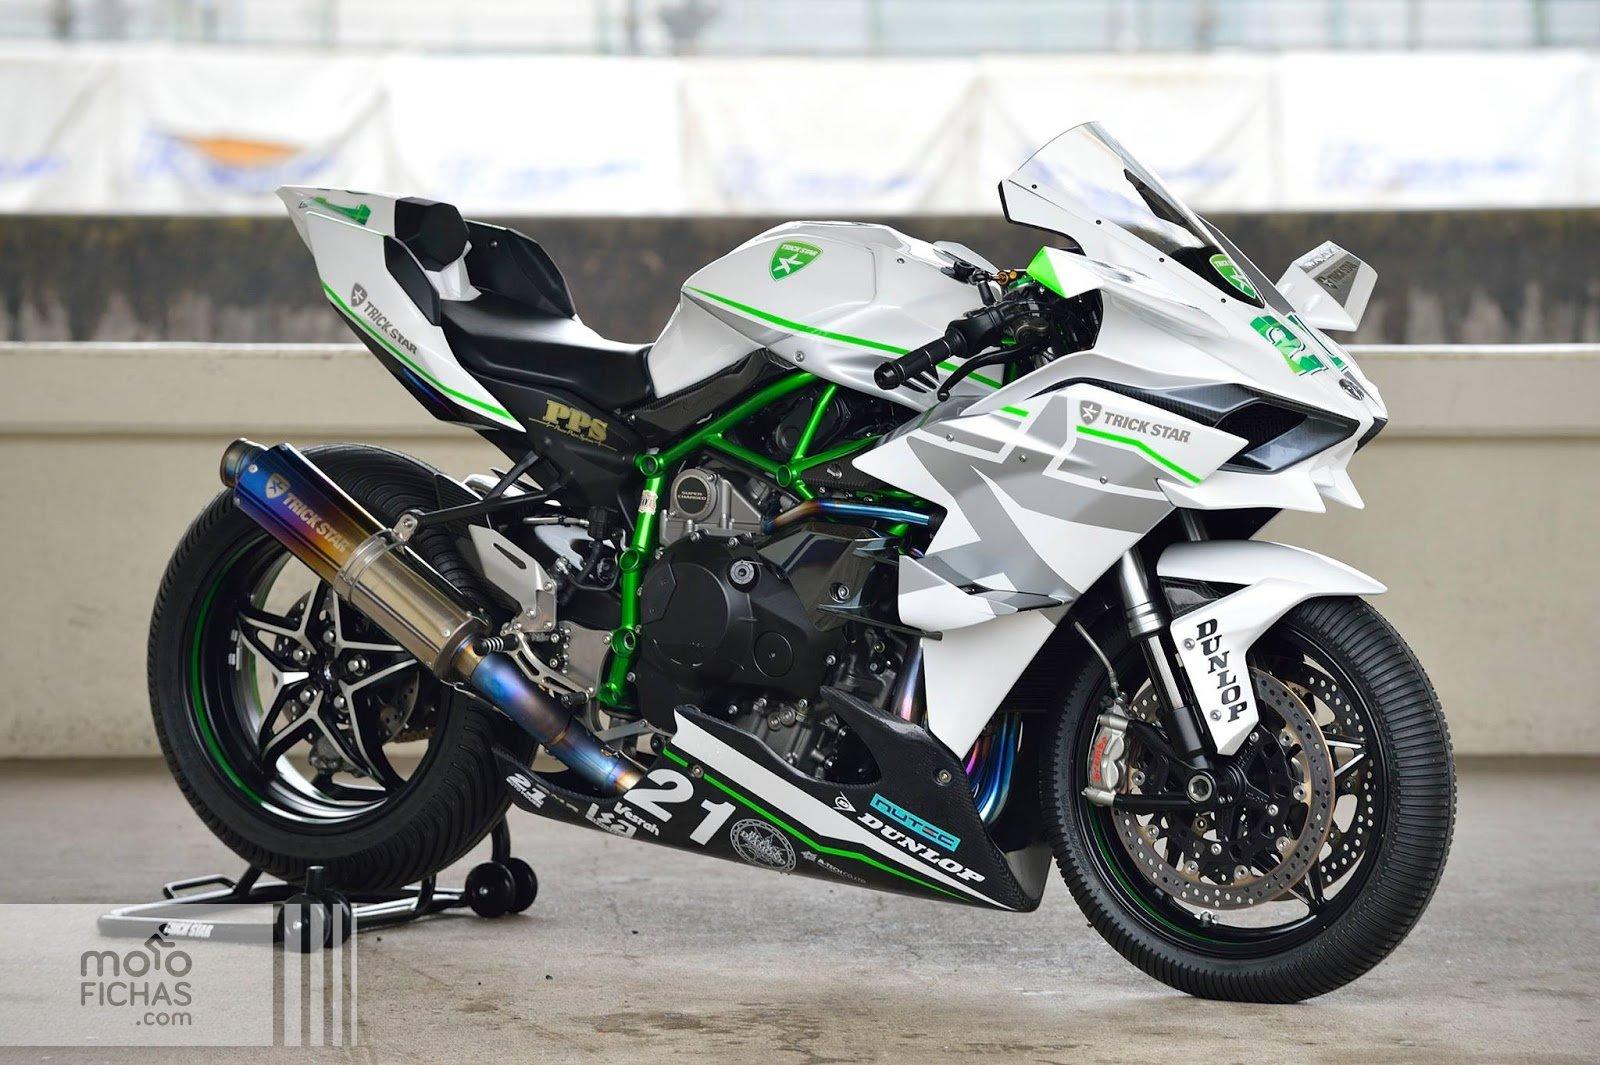 Hd Motorcycle Wallpaper Kawasaki Hr